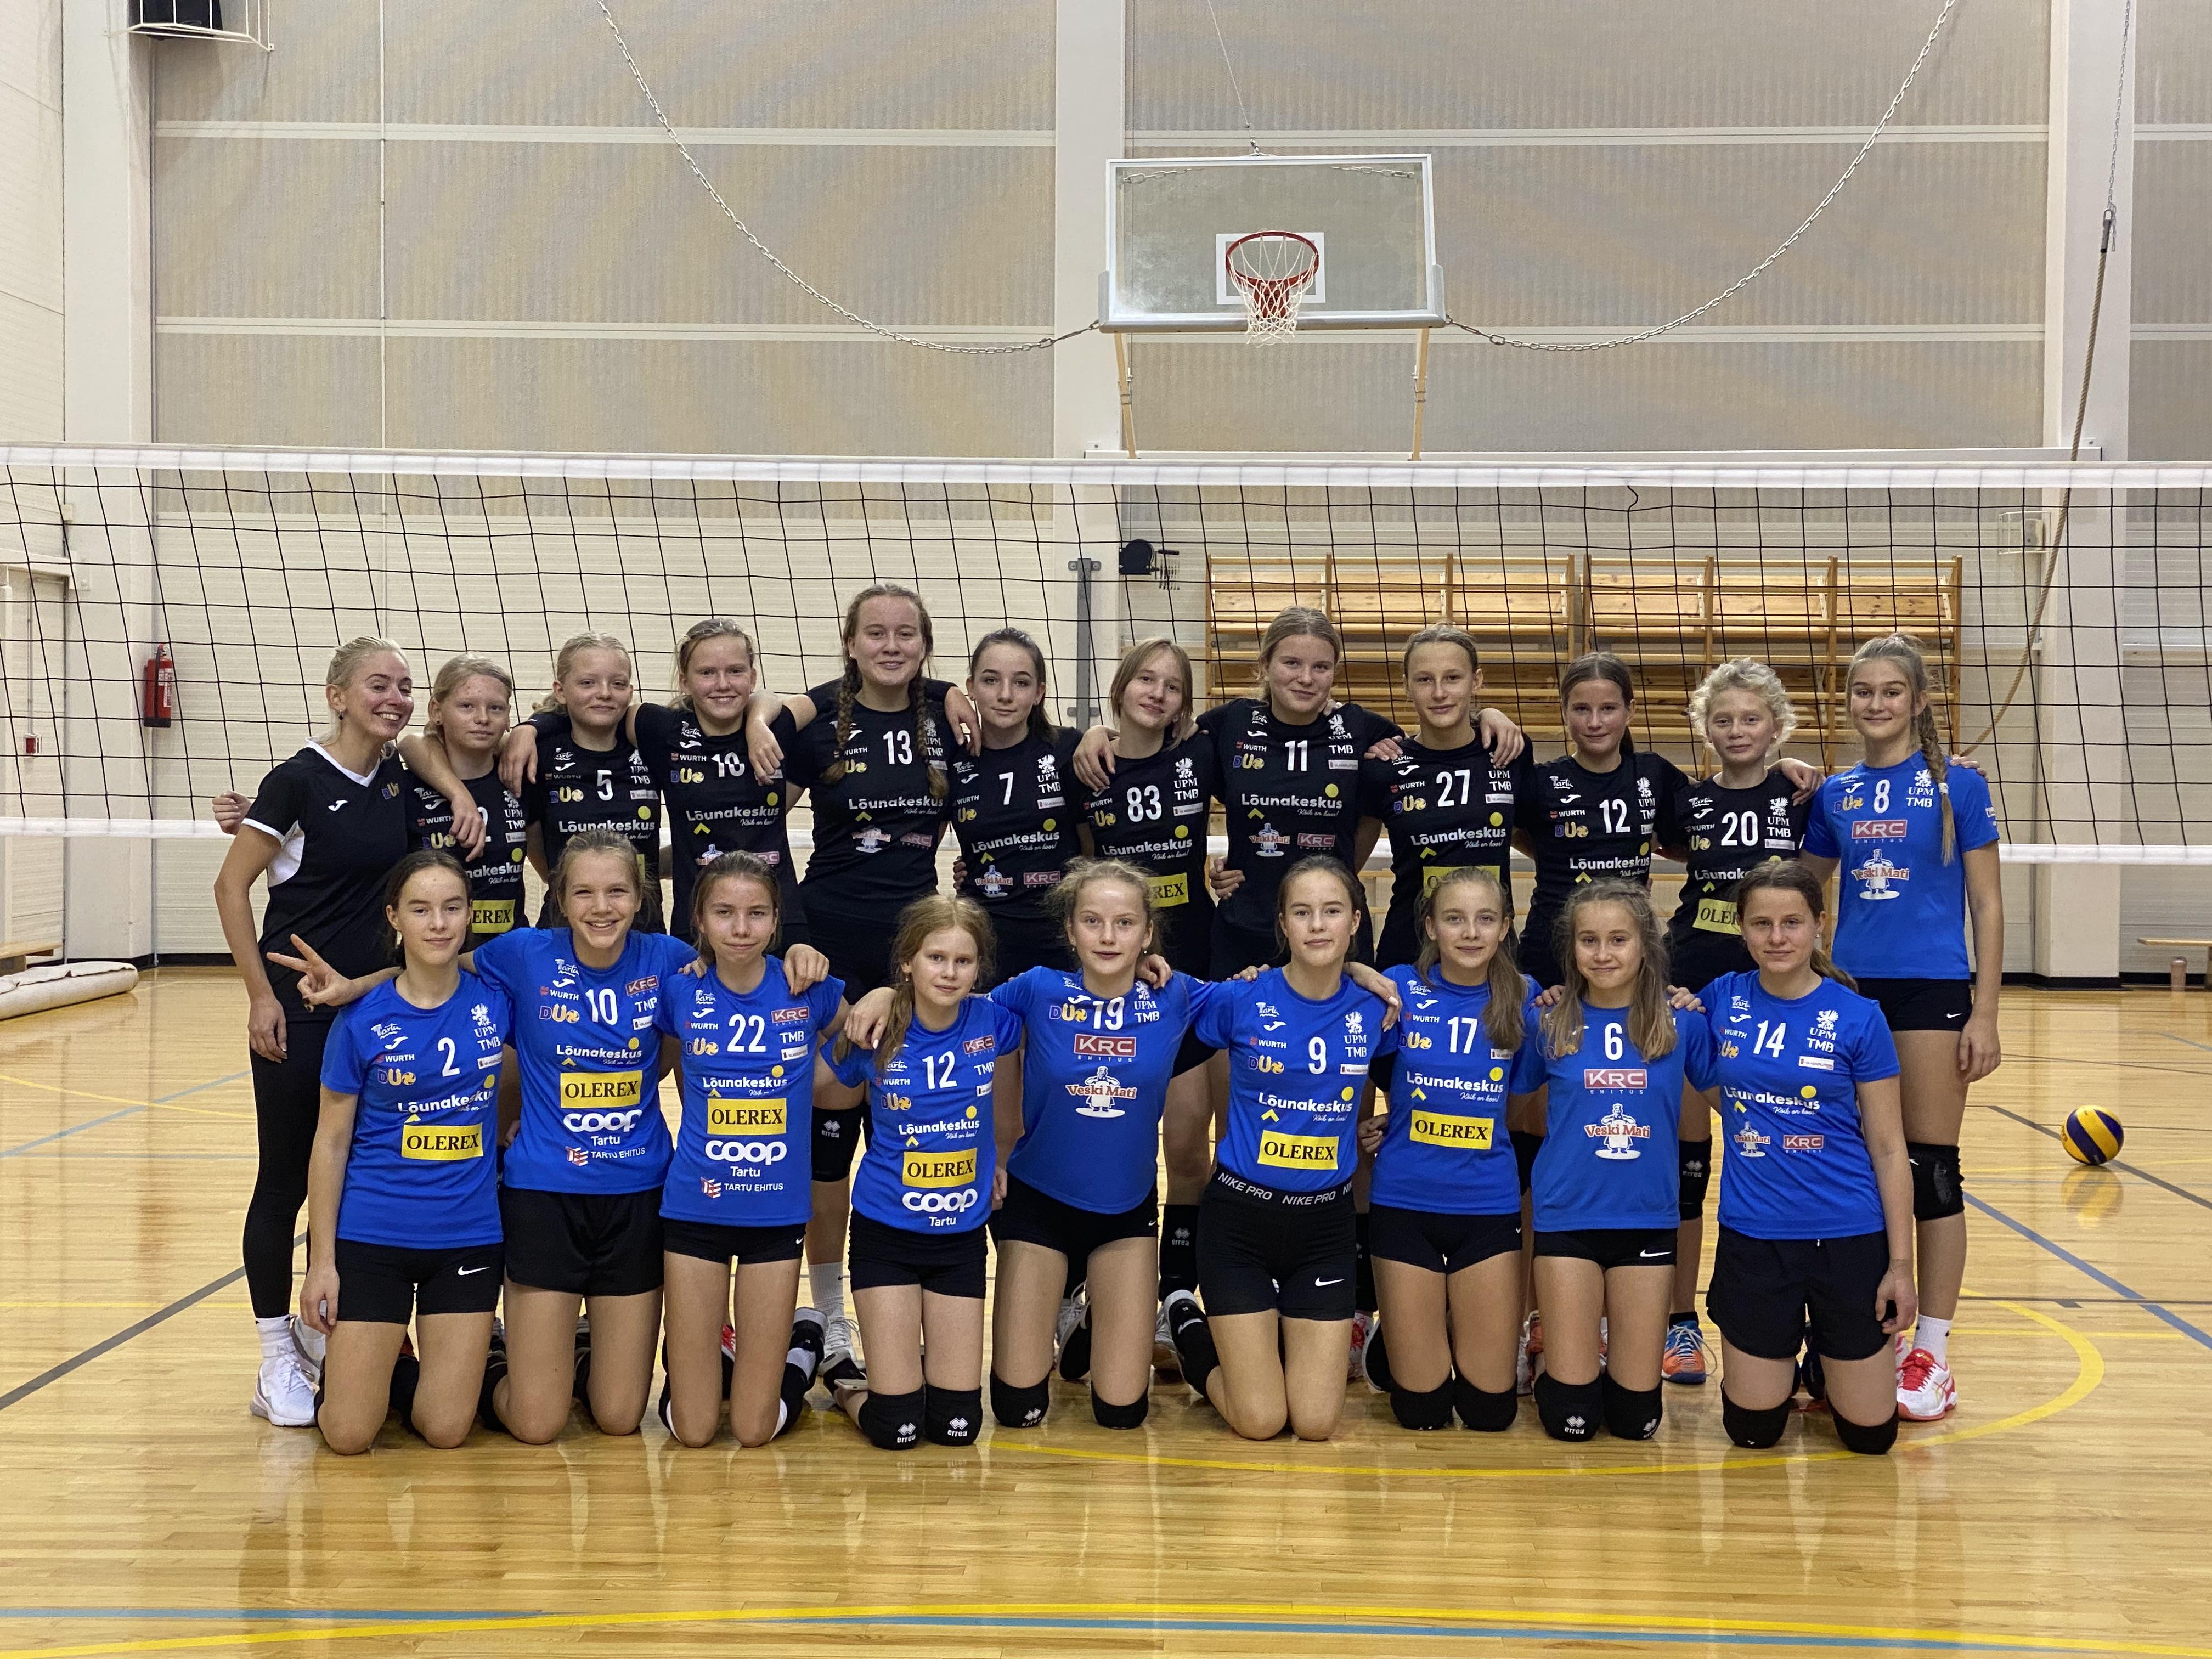 U-16 tüdrukud jõudsid Eesti karikavõistlustel I finaalgruppi